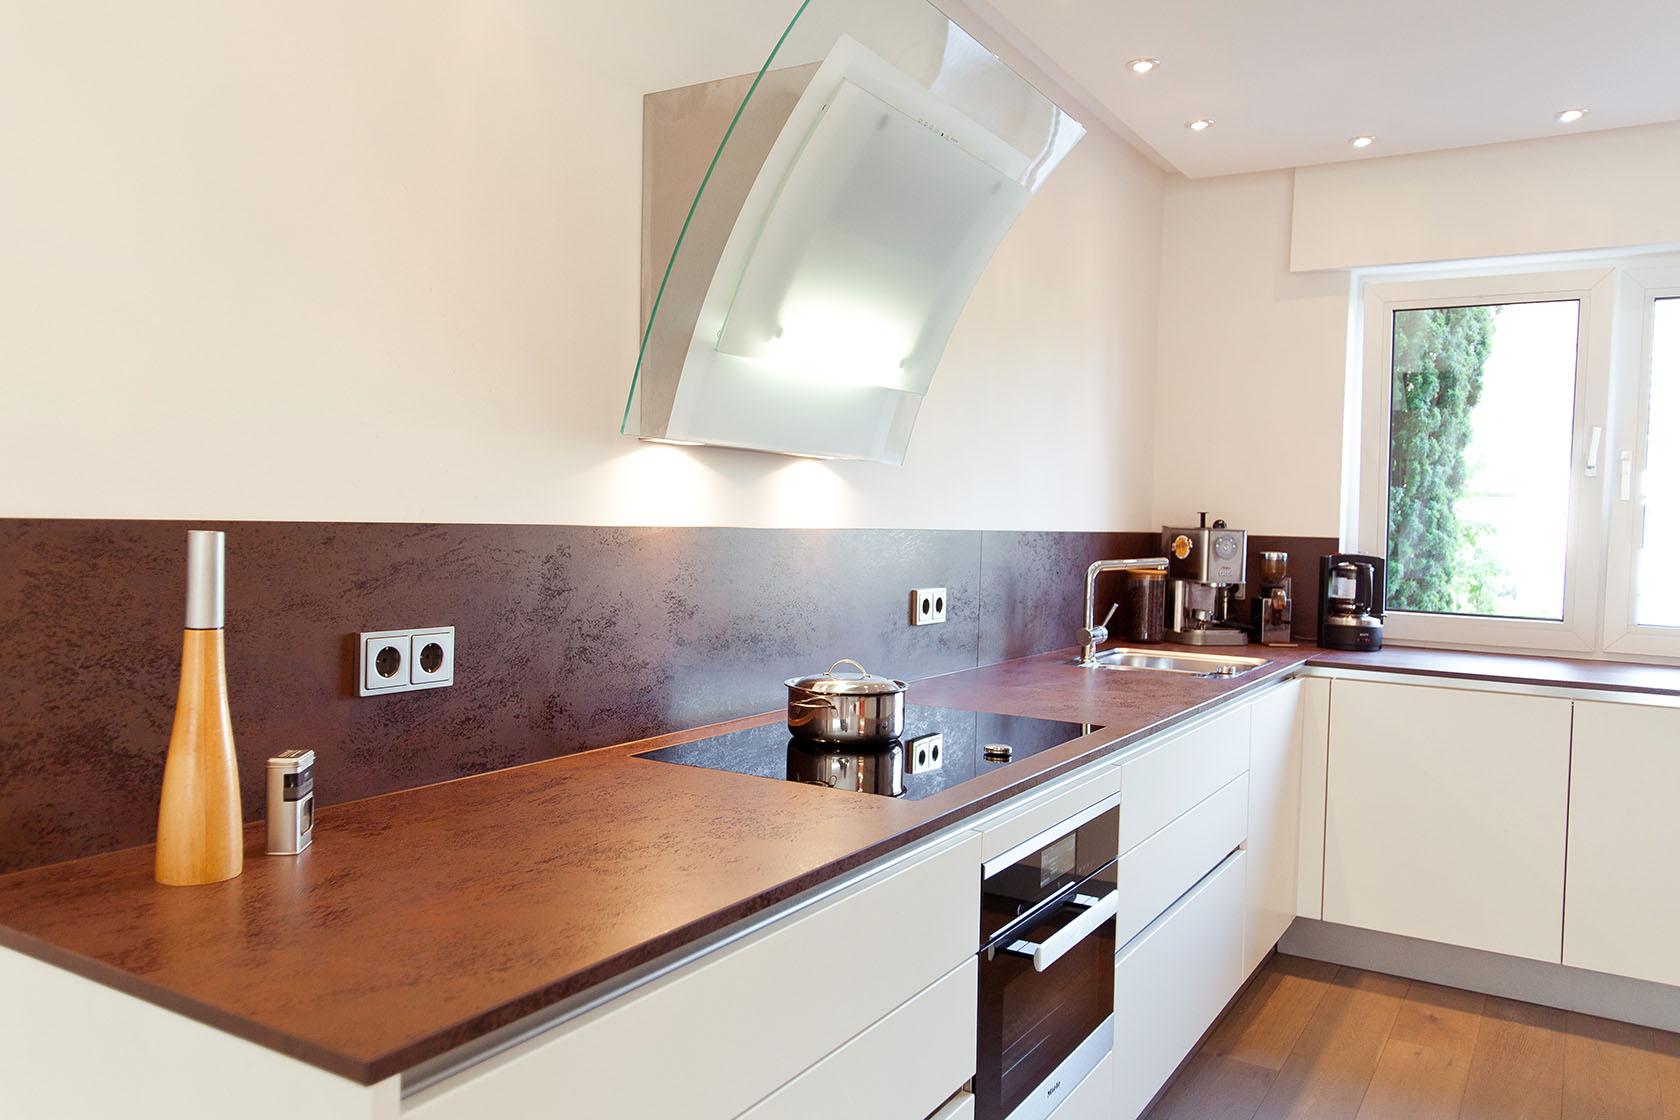 Full Size of Holz Arbeitsplatten Küche Arbeitsplatten Küche Stein Arbeitsplatten Küche Abschlussleisten Hersteller Arbeitsplatten Küche Küche Arbeitsplatten Küche